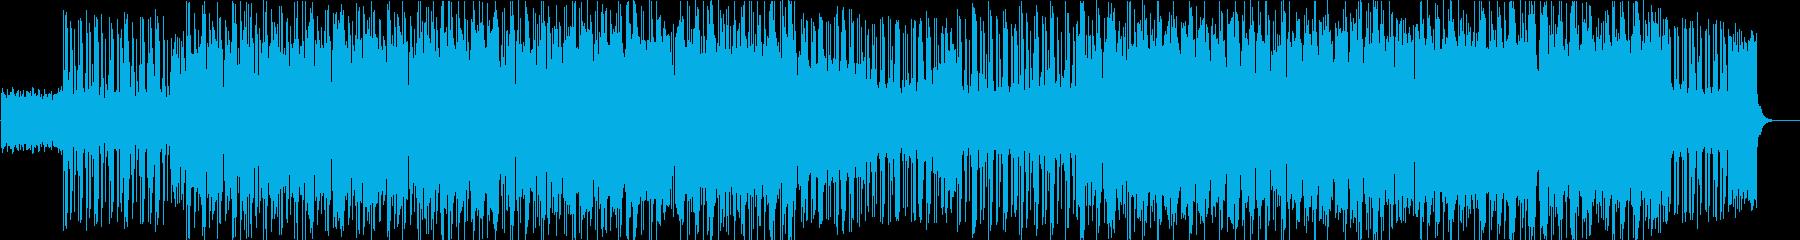 スリル スピード 都会 激しいの再生済みの波形